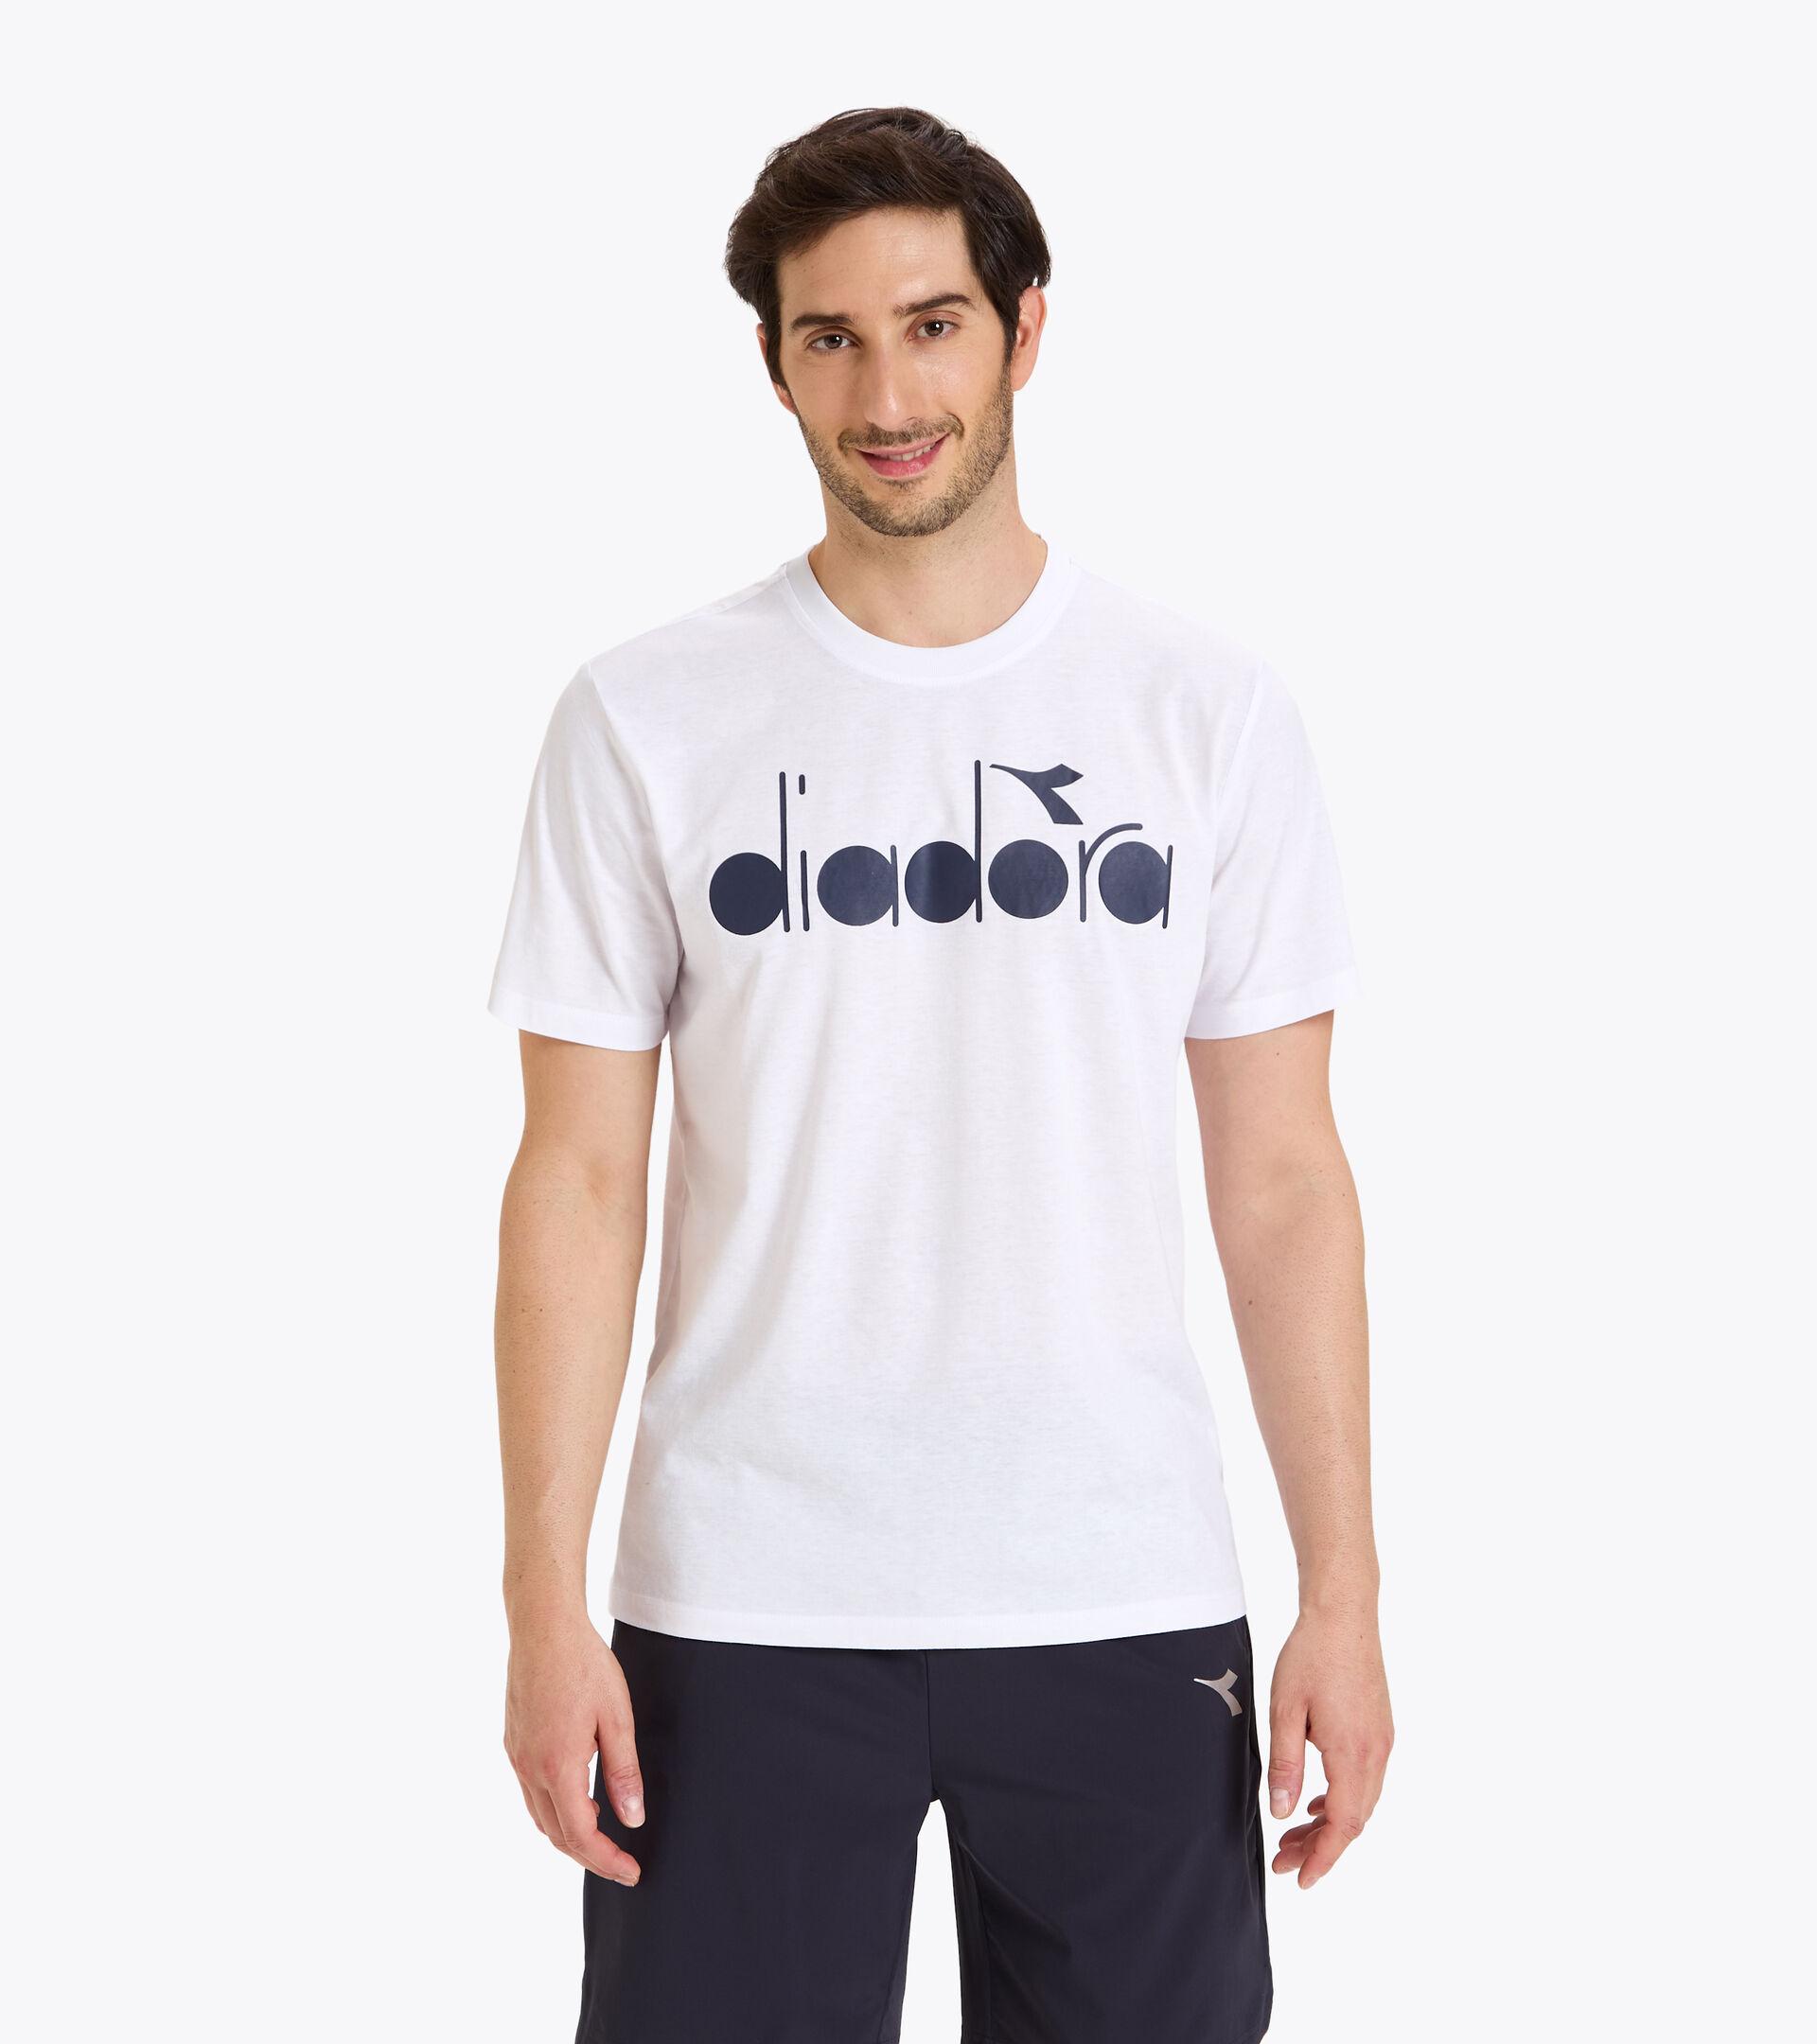 Apparel Sport UOMO SS T-SHIRT DIADORA CLUB OPTICAL WHITE Diadora